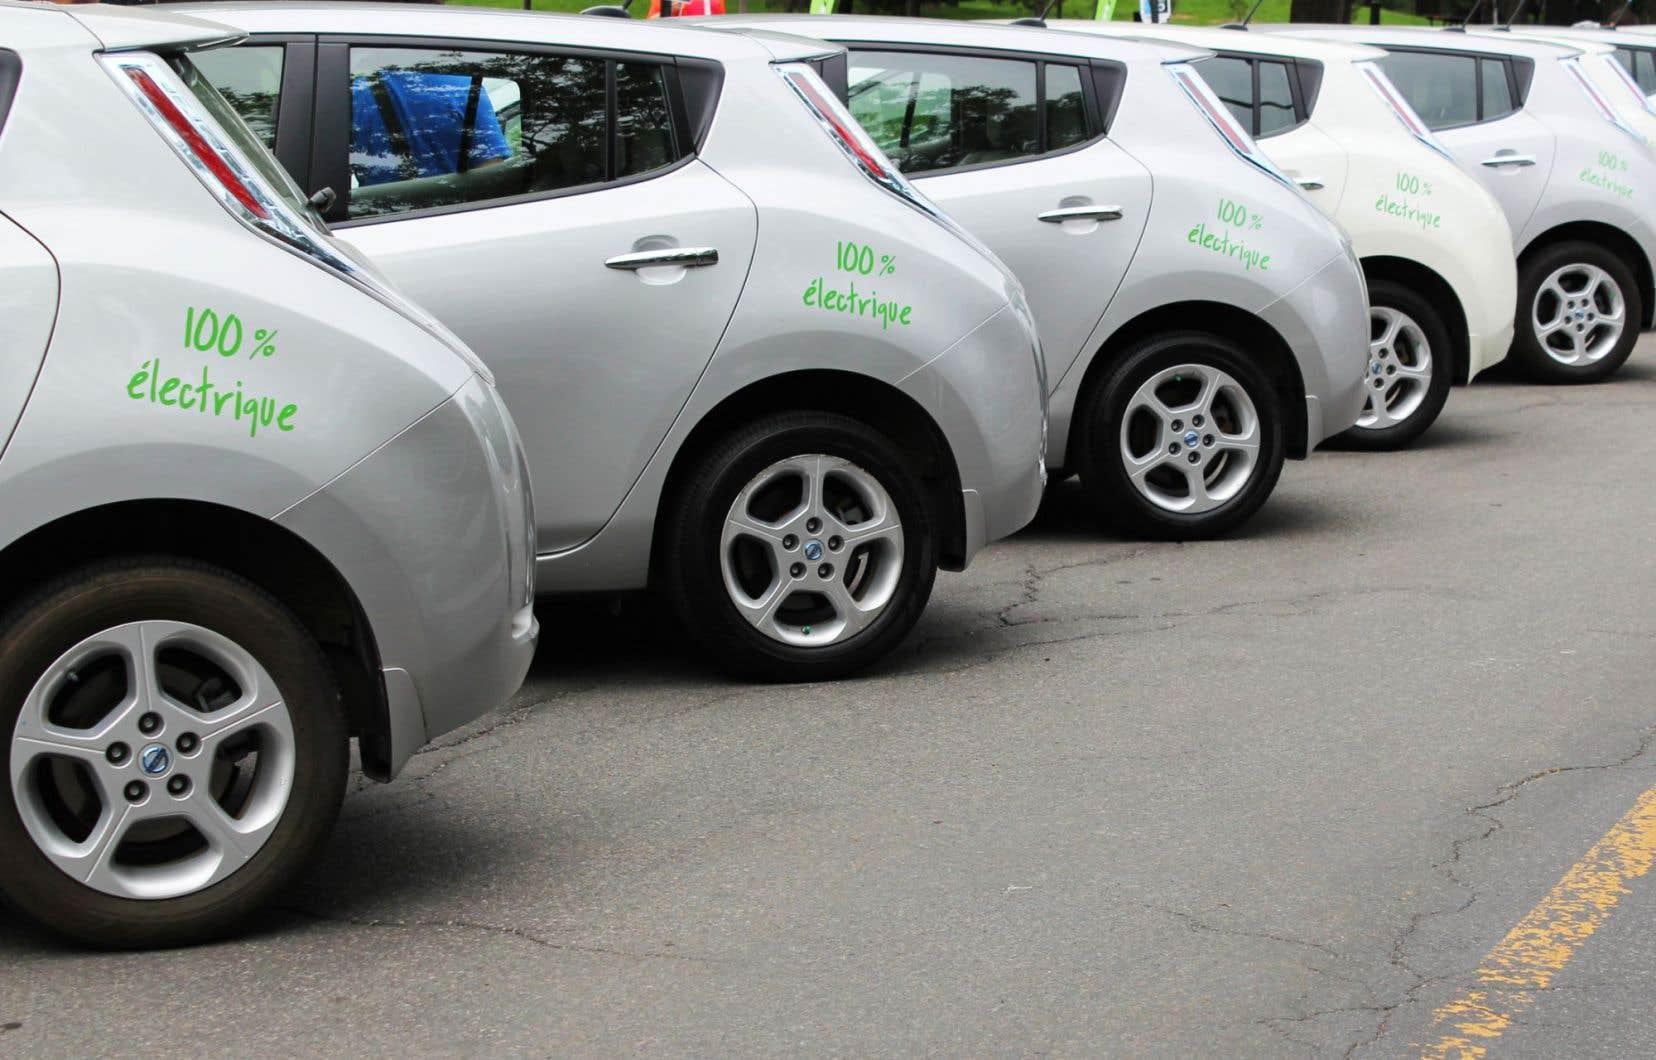 Deux services de voitures en libre-service existent déjà à Montréal, soit Car2Go et Communauto (sur la photo).